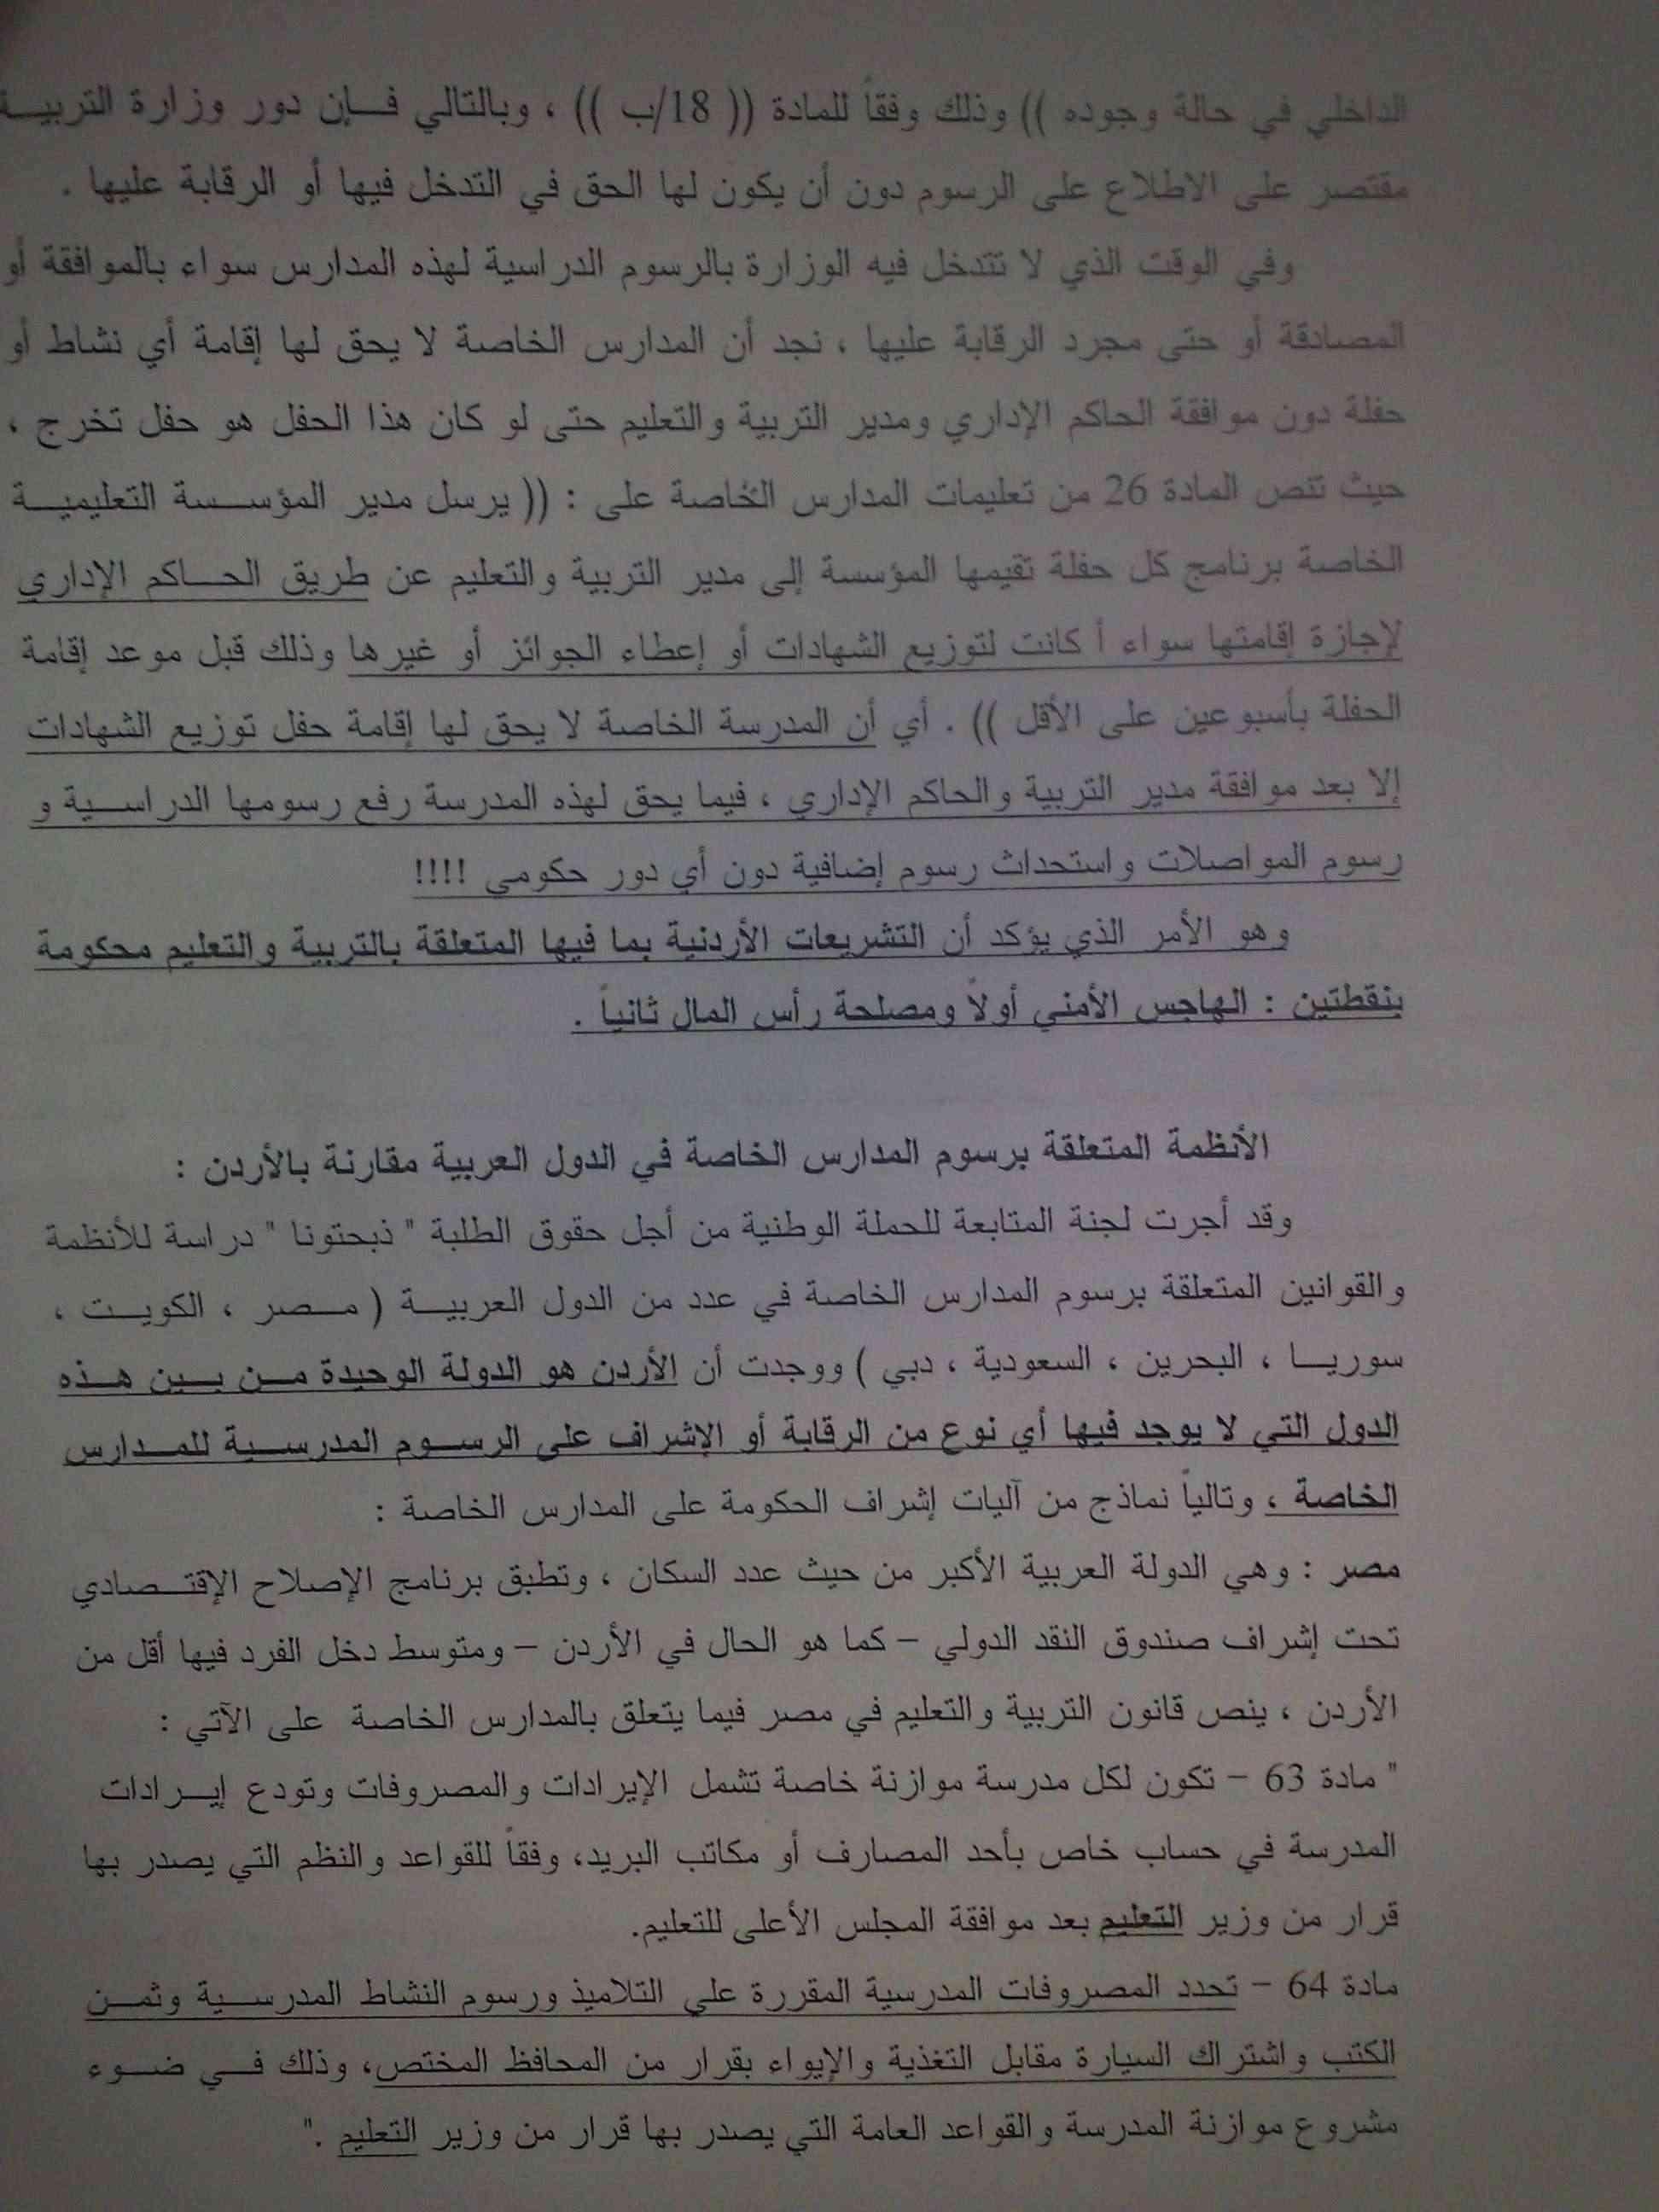 """قرائة الحملة الوطنية من اجل حقوق الطلبة"""" ذبحتونا"""" حول المدارس الخاصة Thab7t11"""